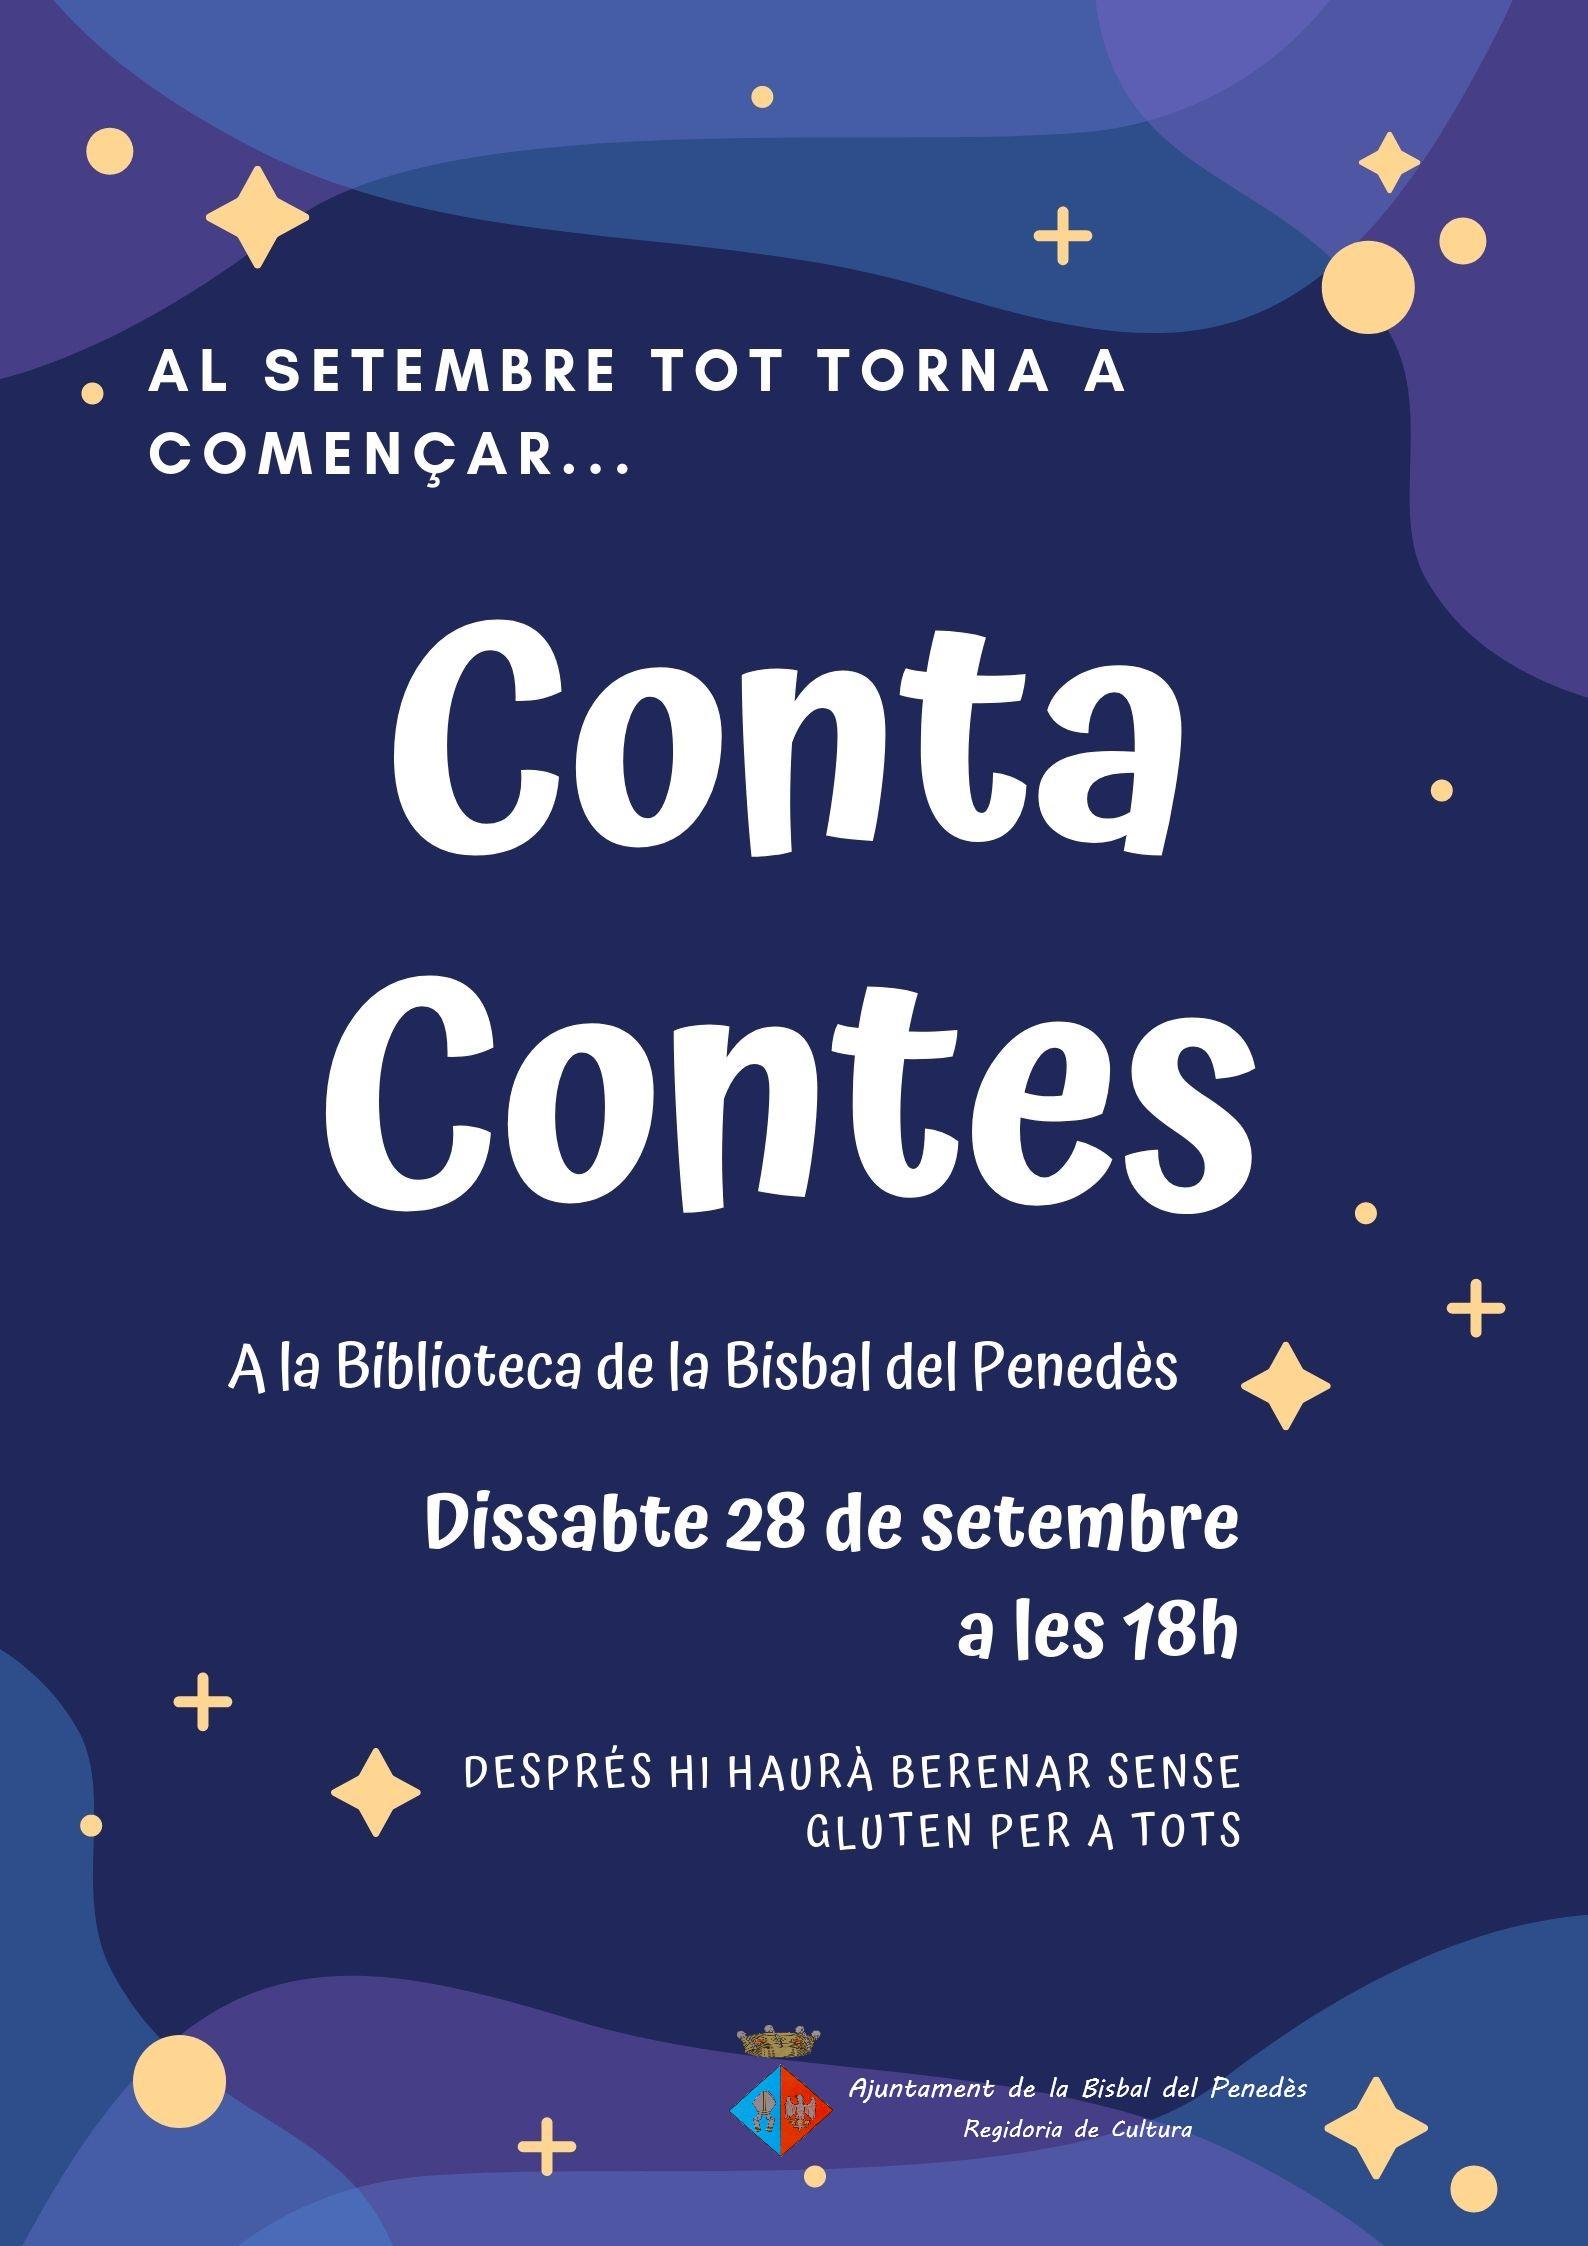 El dissabte 28 de setembre a les 18h tindrà lloc el contacontes de la Biblioteca pública